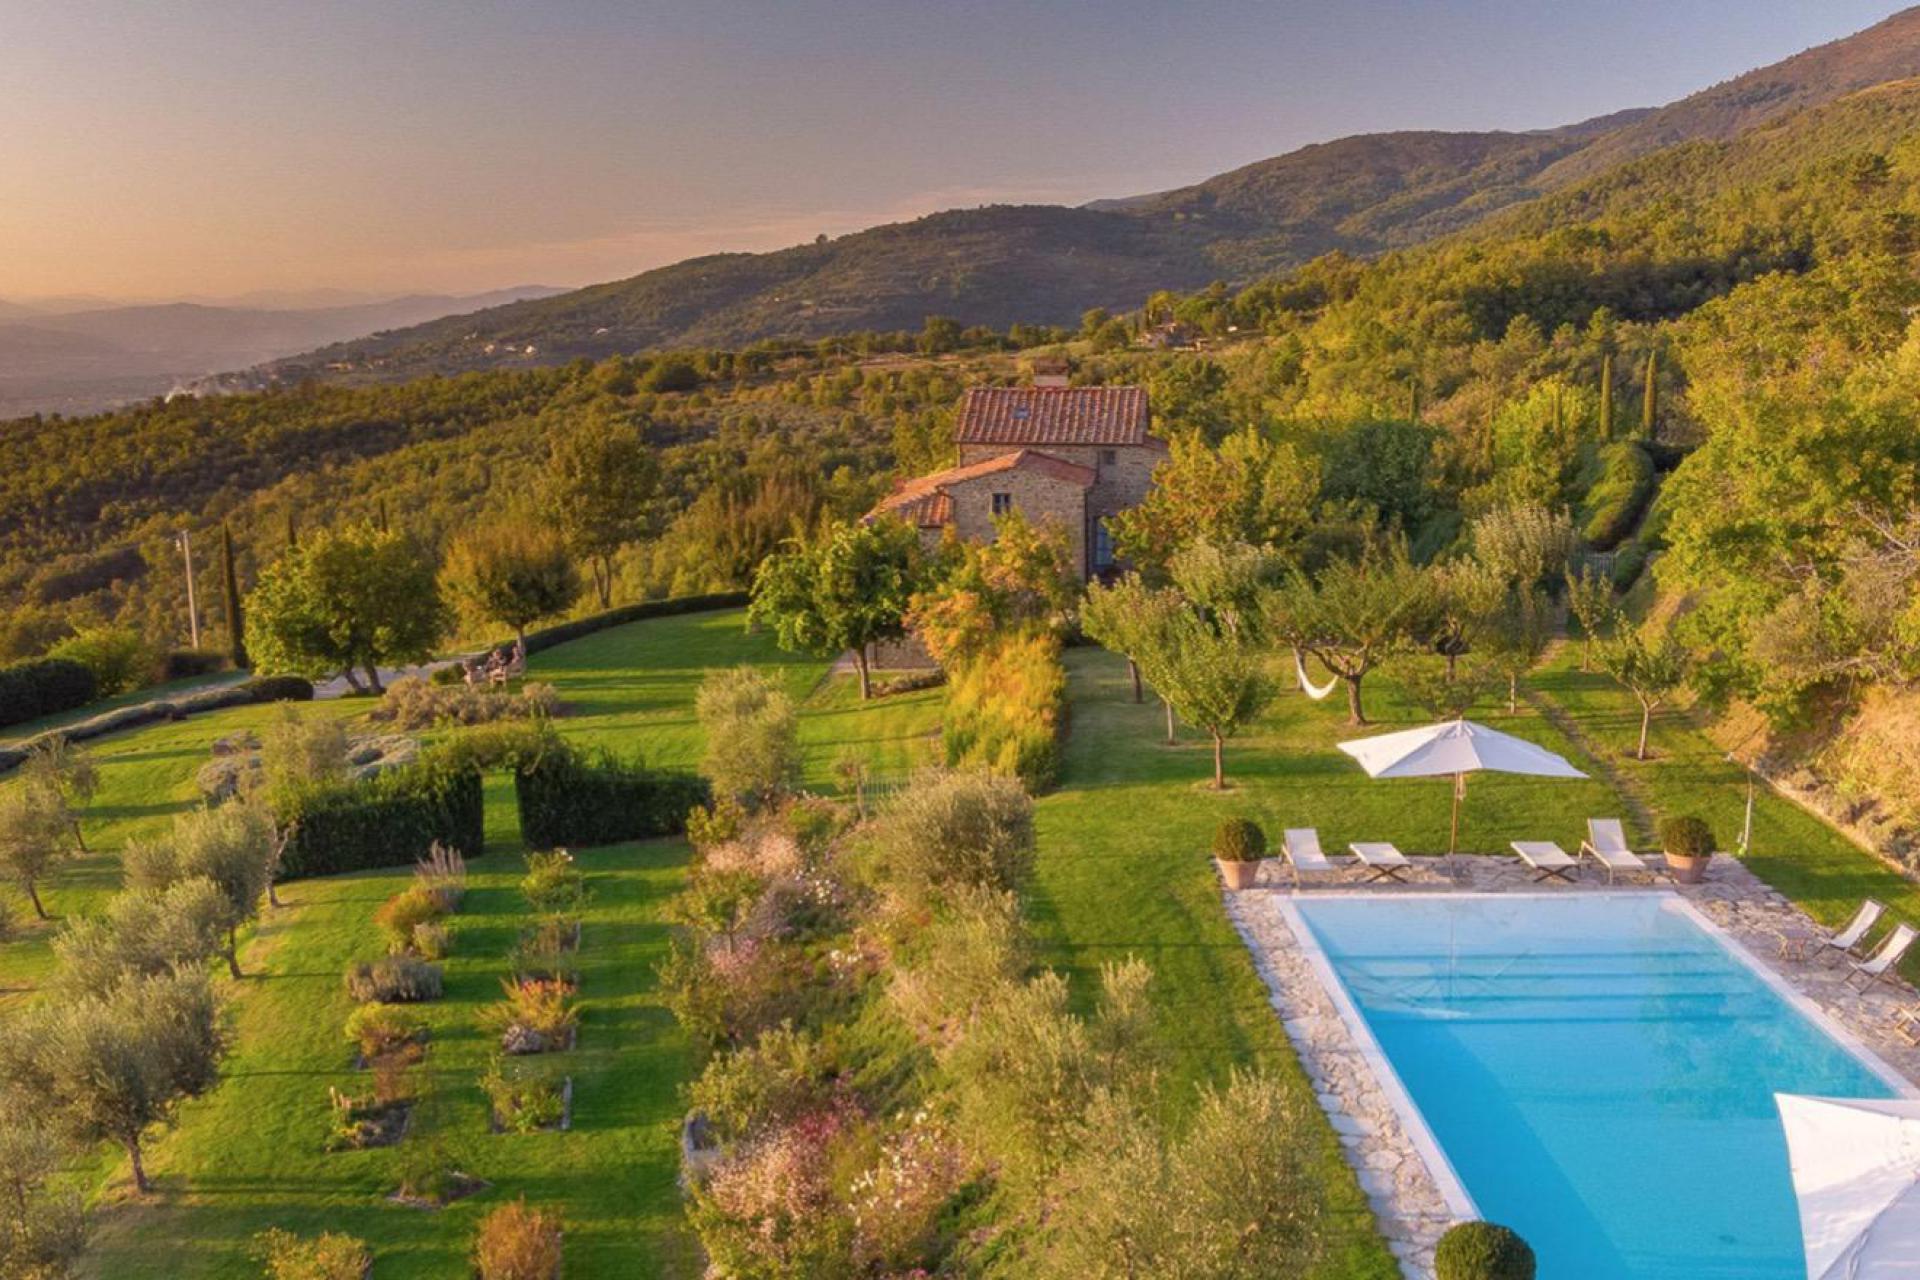 Agriturismo Toscane Luxe appartementen Toscane met mooi uitzicht | myitaly.nl